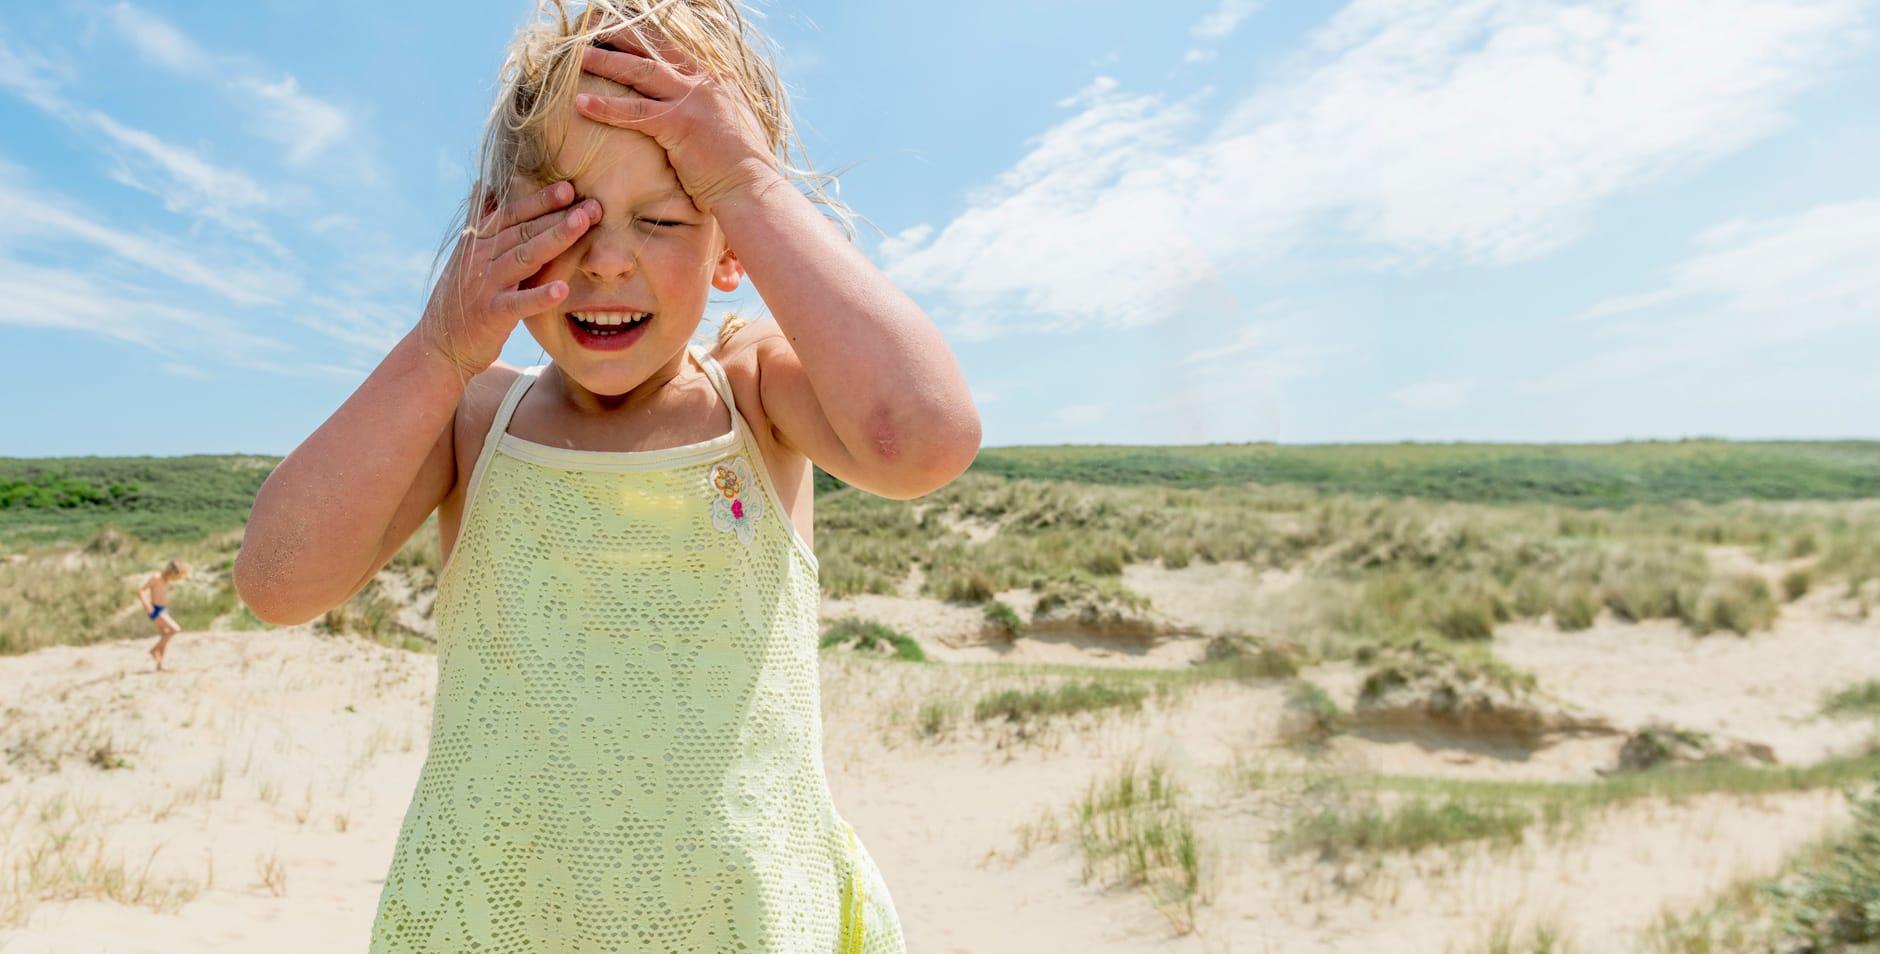 OERRR kinderactiviteiten in de zomer